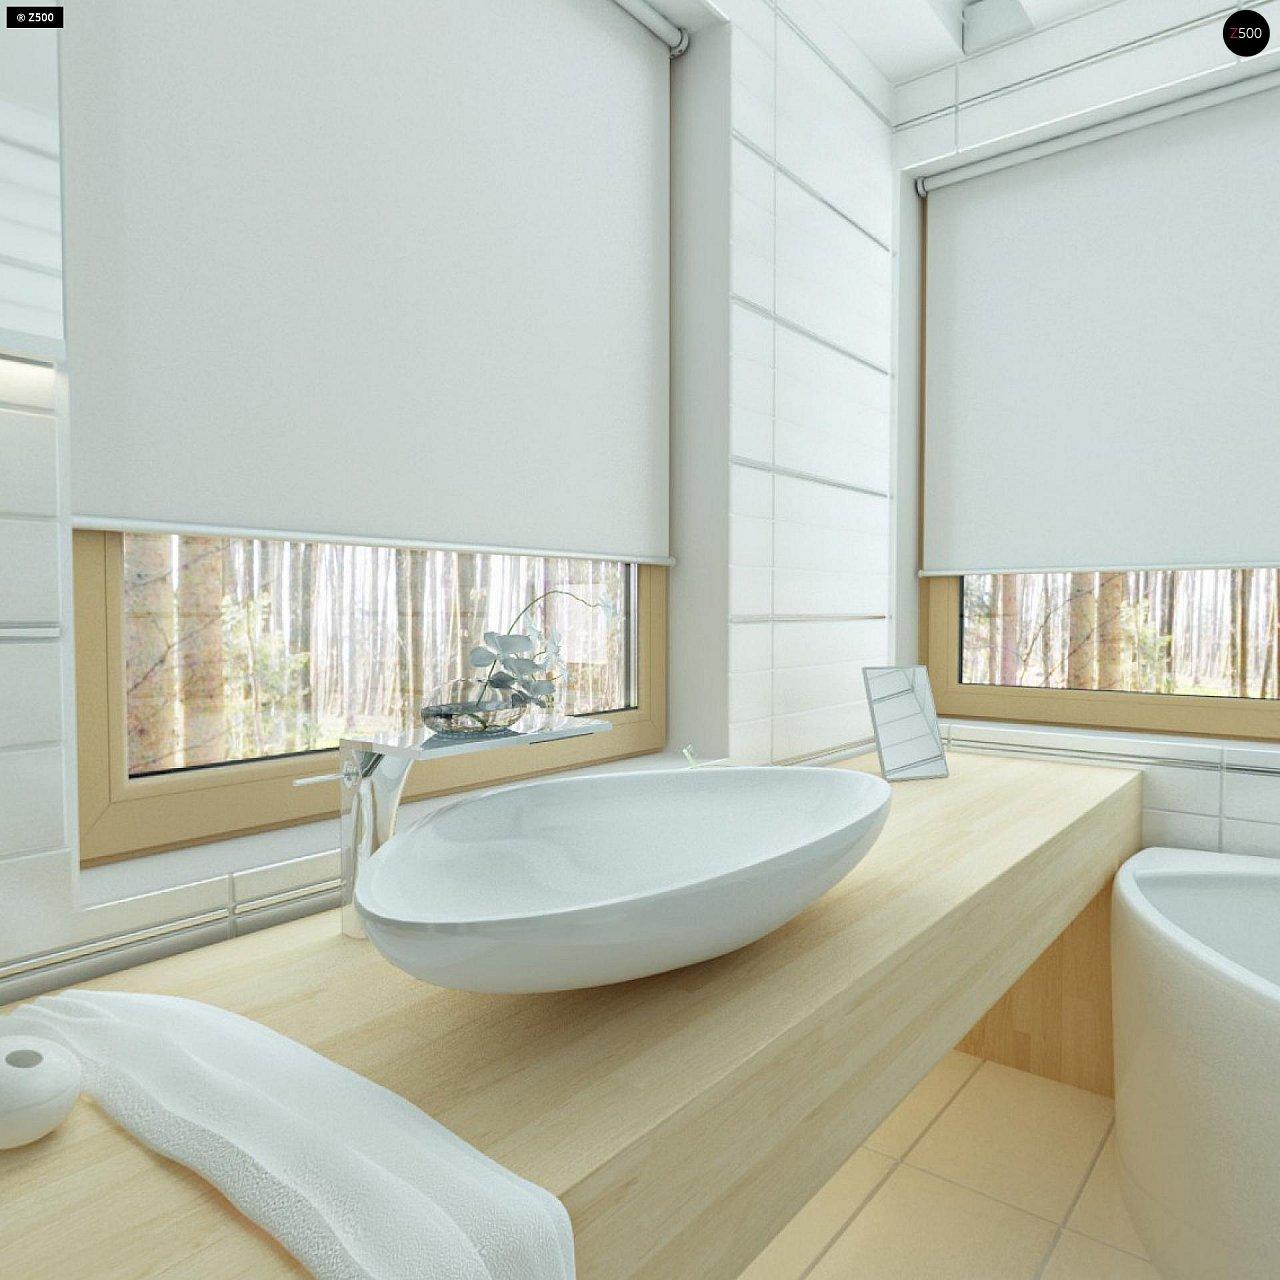 Двухэтажный дом, сочетающий традиционные формы и современный дизайн, с тремя спальнями и гаражом. 20